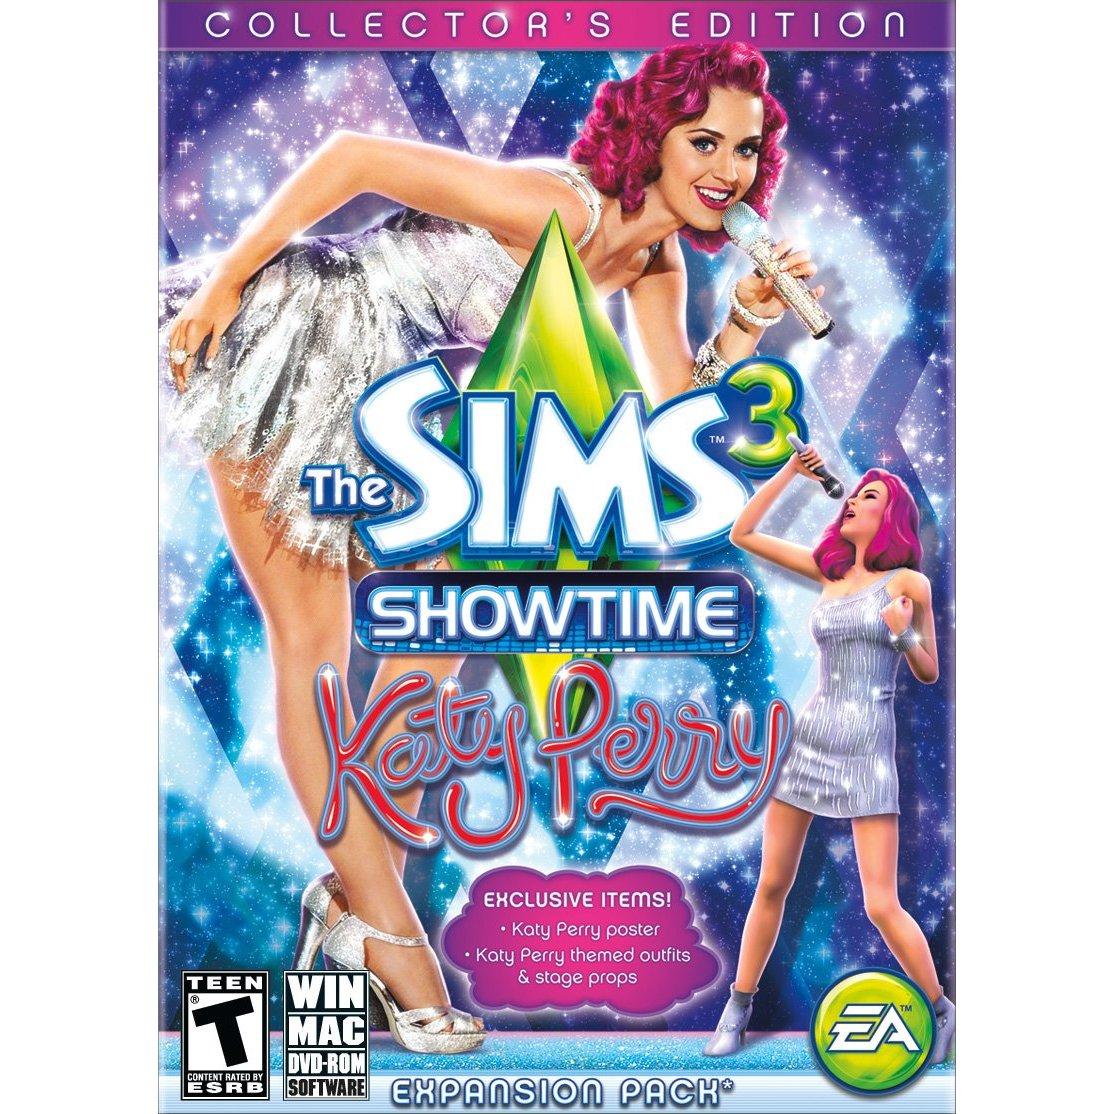 http://1.bp.blogspot.com/-JQngbccXrqY/TyLQy5gQRPI/AAAAAAAAASA/tAC9vflBB2Q/s1600/The+Sims+3+ShowTime+-+Edi%C3%A7%C3%A3o+de+Colecionador+Katy+Perry.jpg